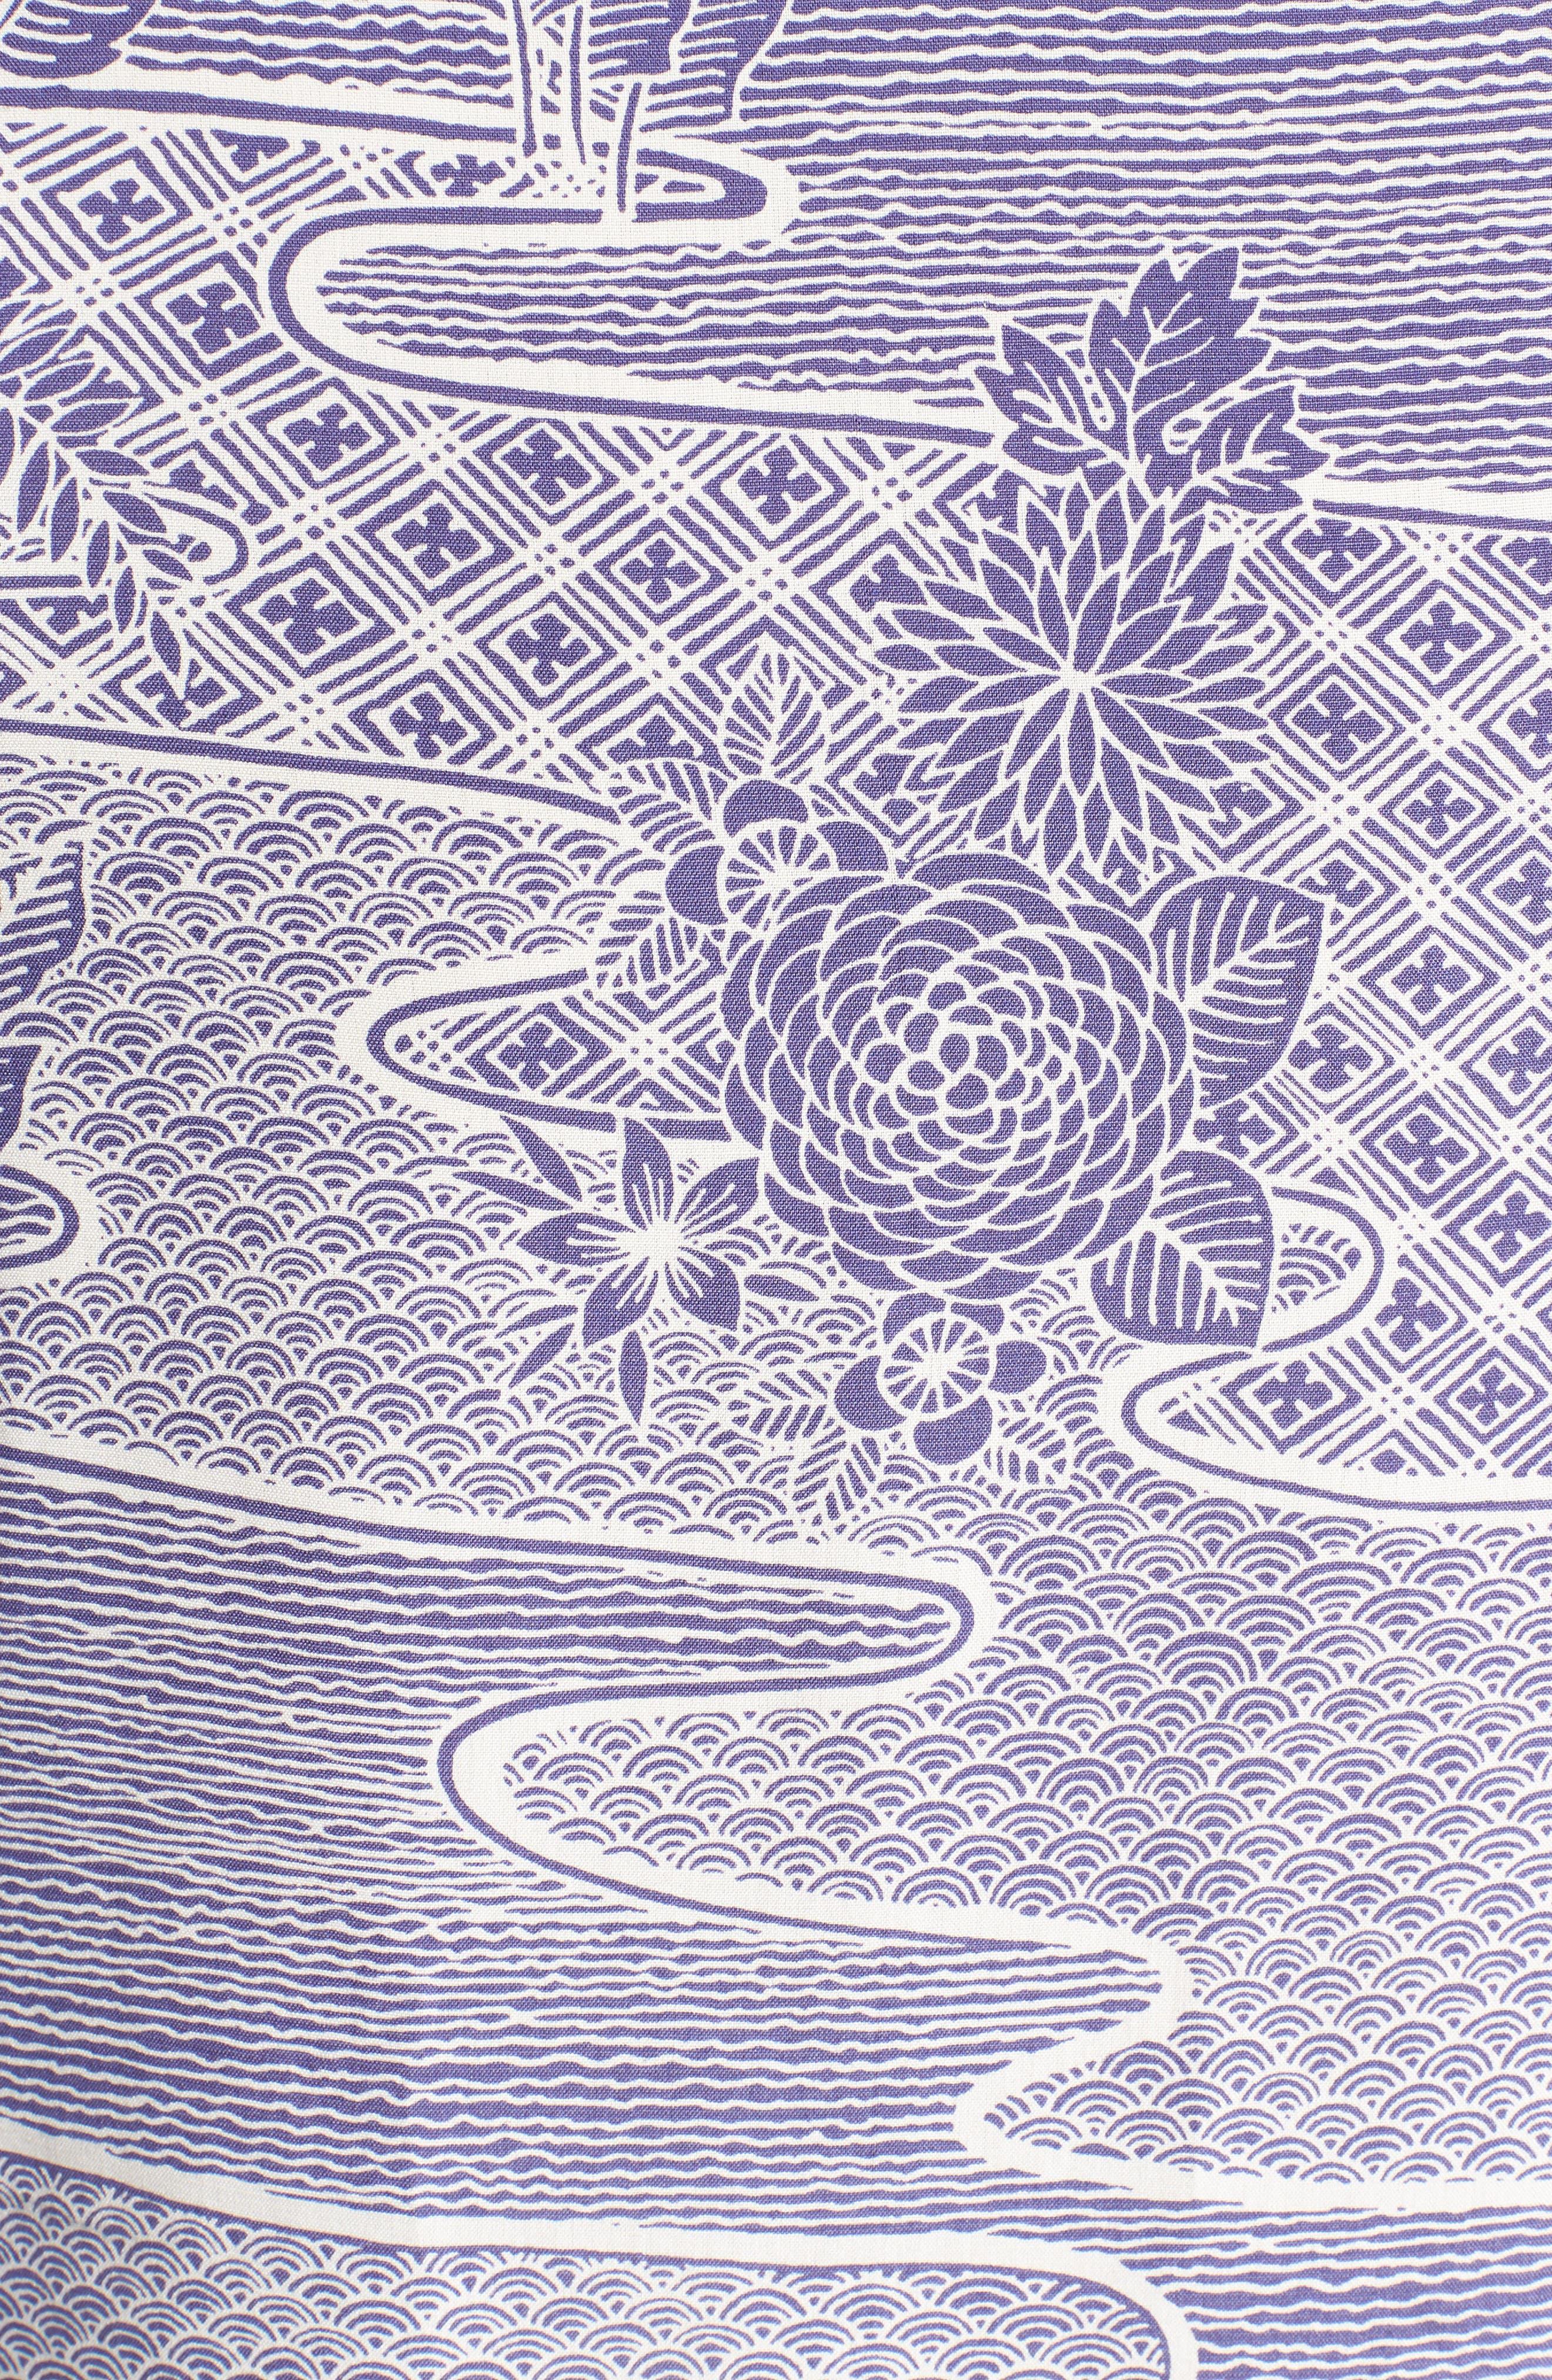 Zen Garden Trim Fit Silk Blend Camp Shirt,                             Alternate thumbnail 5, color,                             AMETHYST